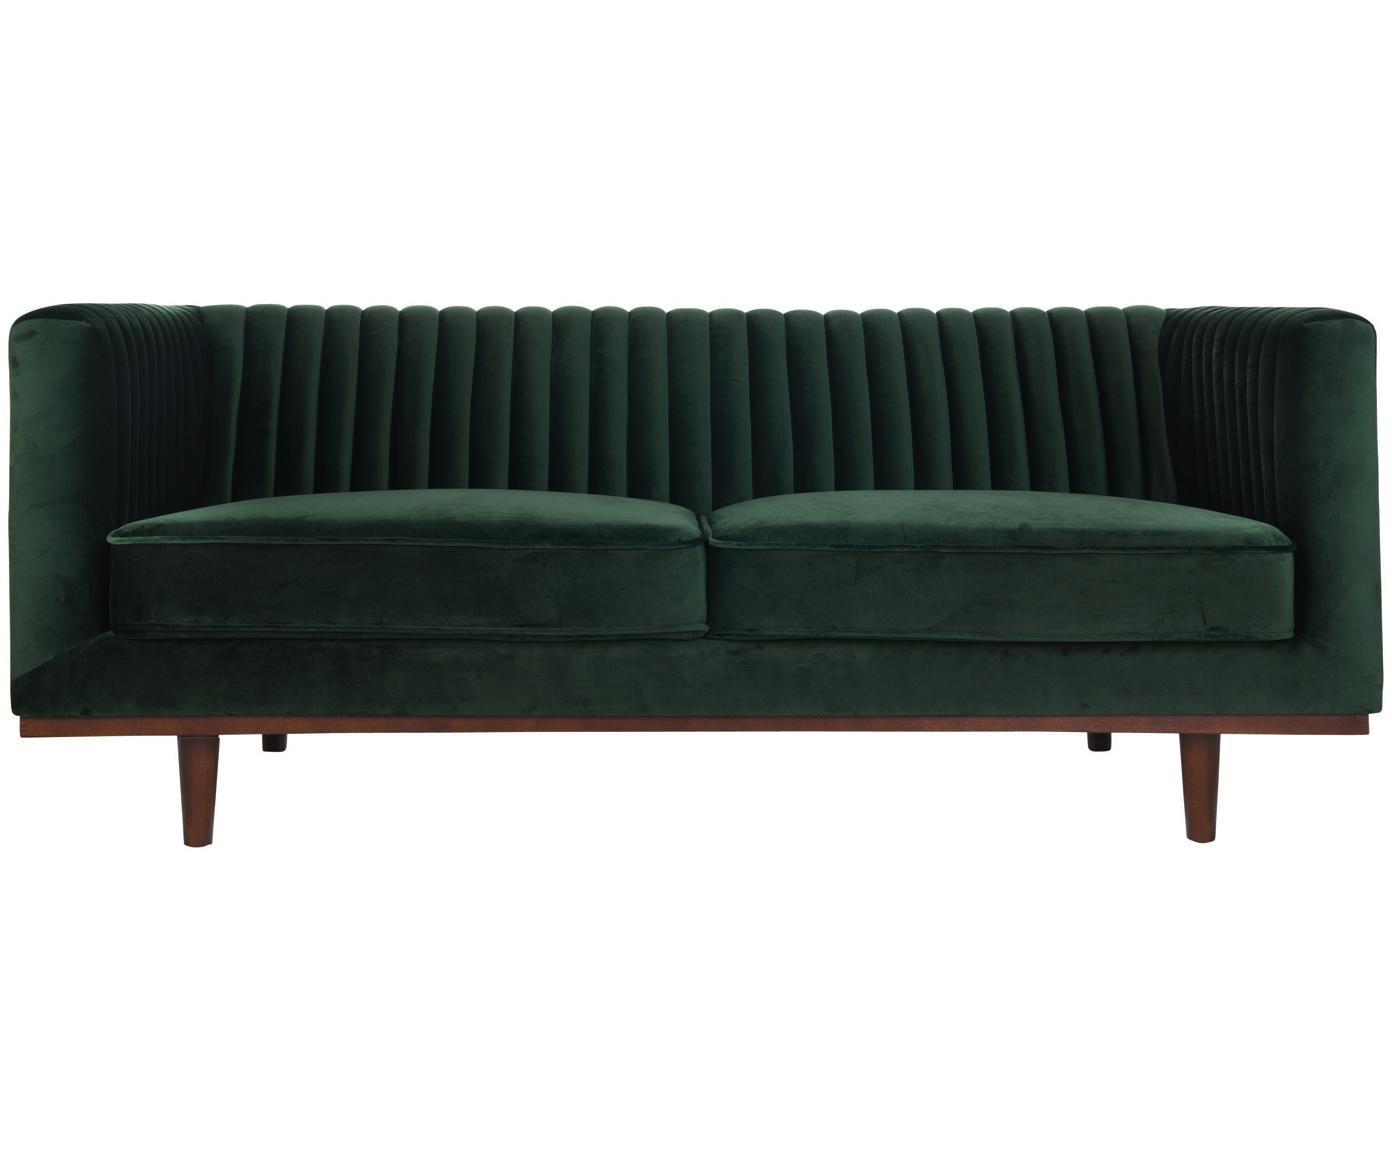 Sofá de terciopelo Dante (2plazas), Tapizado: terciopelo de poliéster, Estructura: madera de caucho lacada, Verde, An 174 x F 87 cm